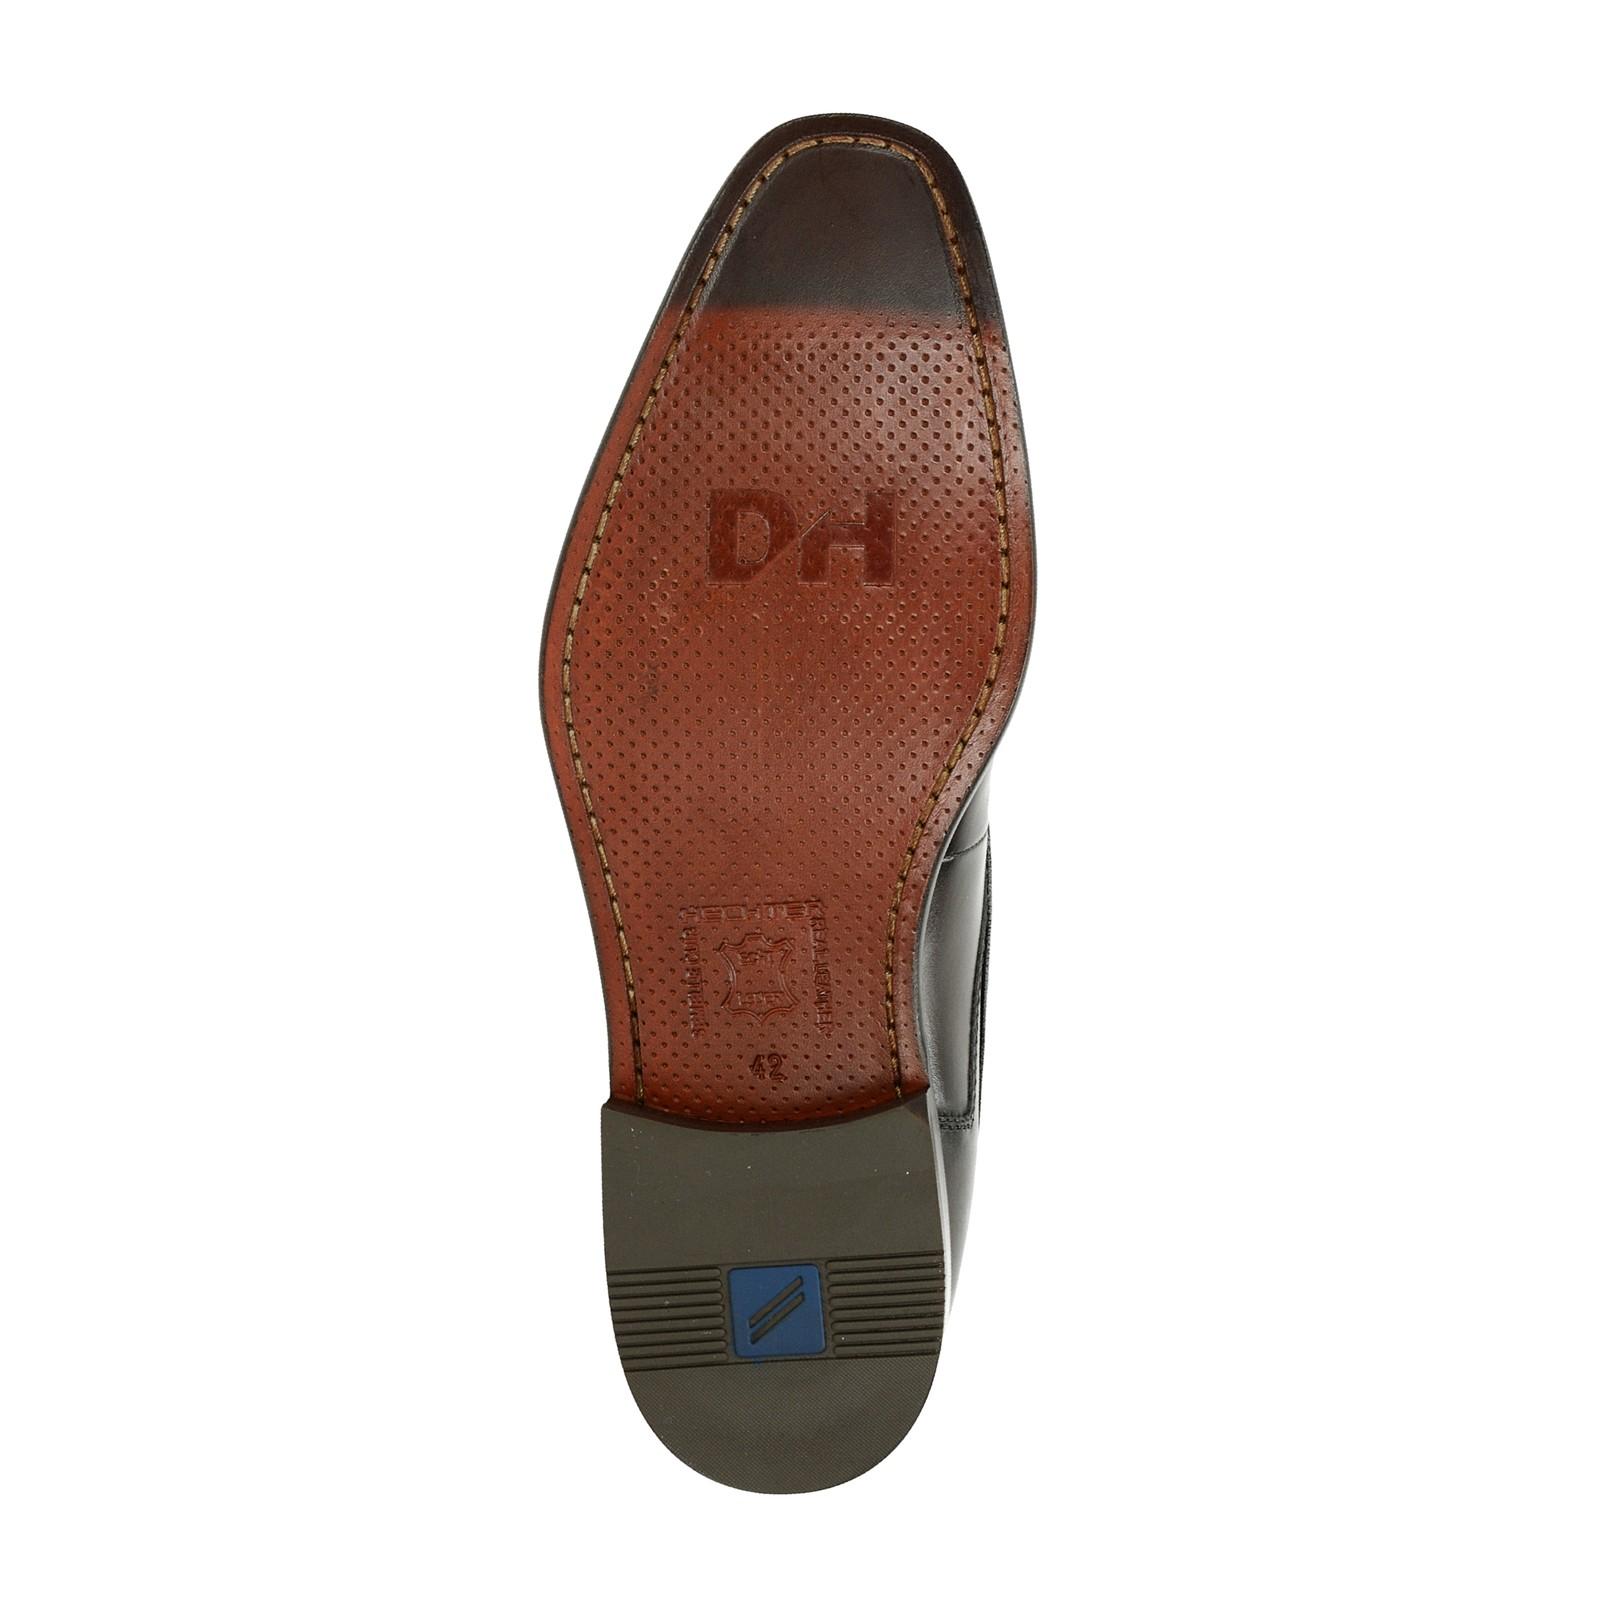 Daniel Hechter pánské kožené společenské boty - tmavohnědé